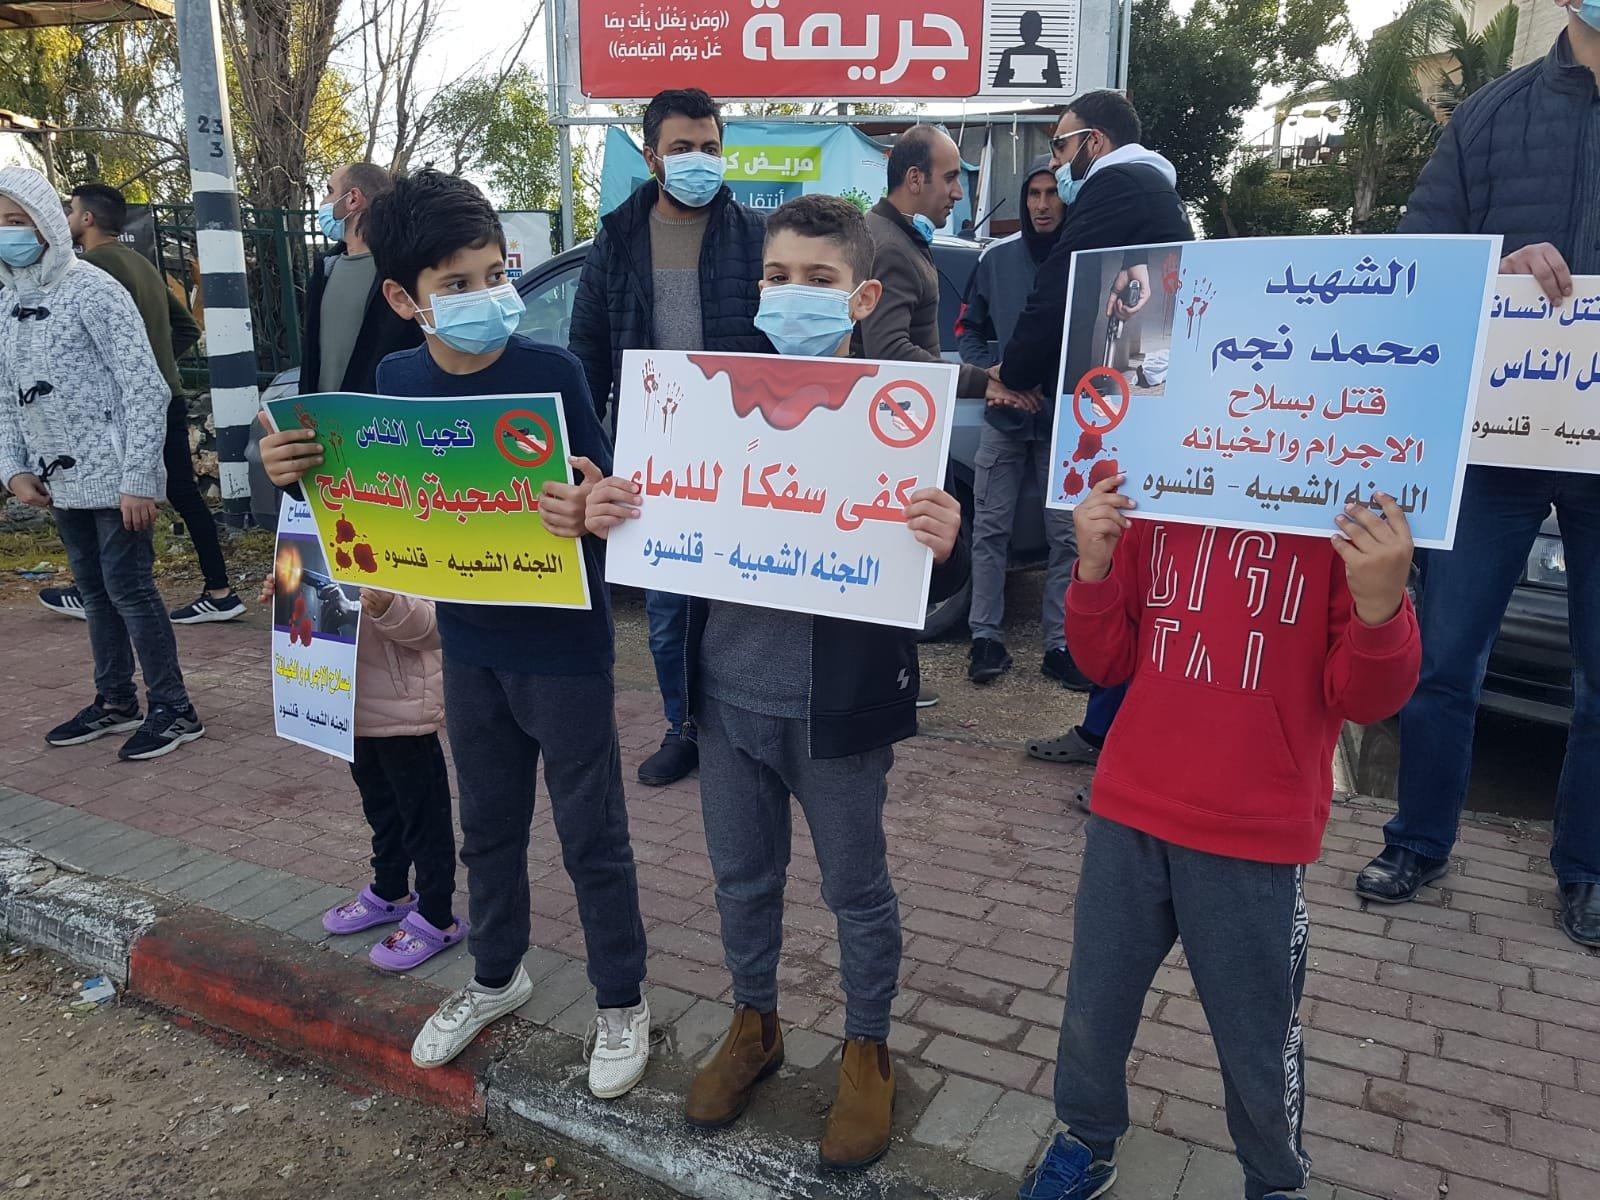 قلنسوة تتظاهر ضد العنف-4